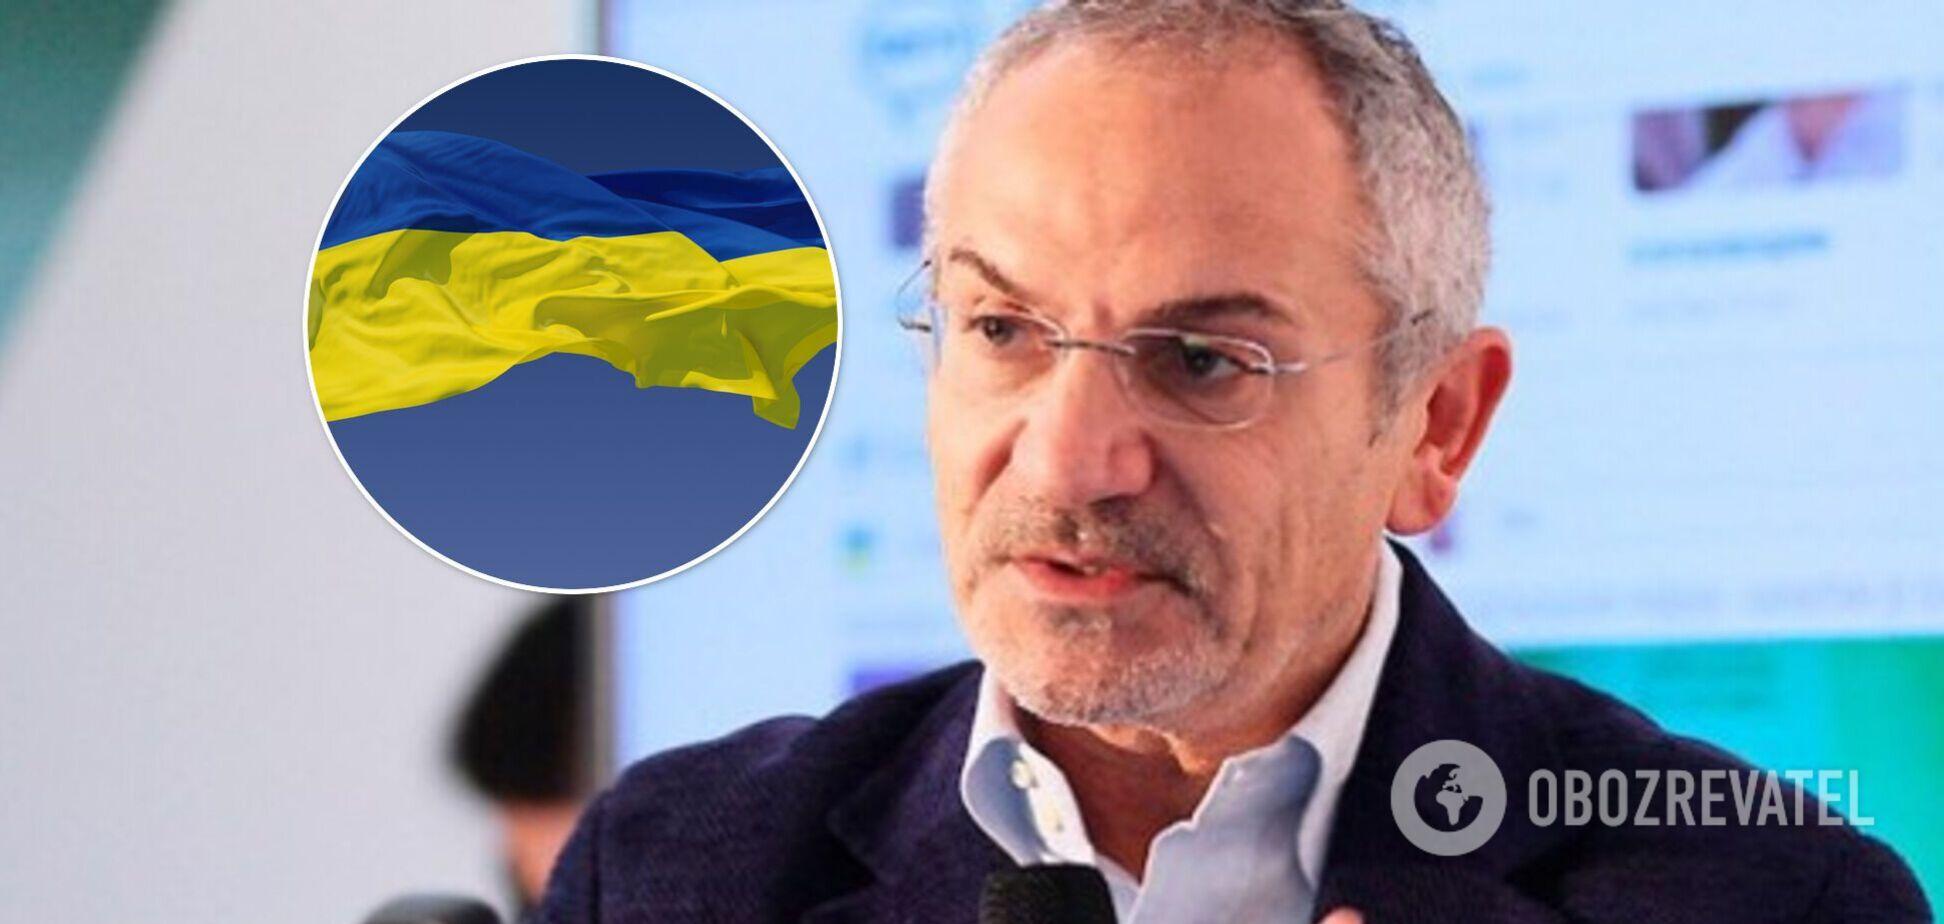 Шустер рассказал, почему в Украине нужно ввести 'зарплату за жизнь'